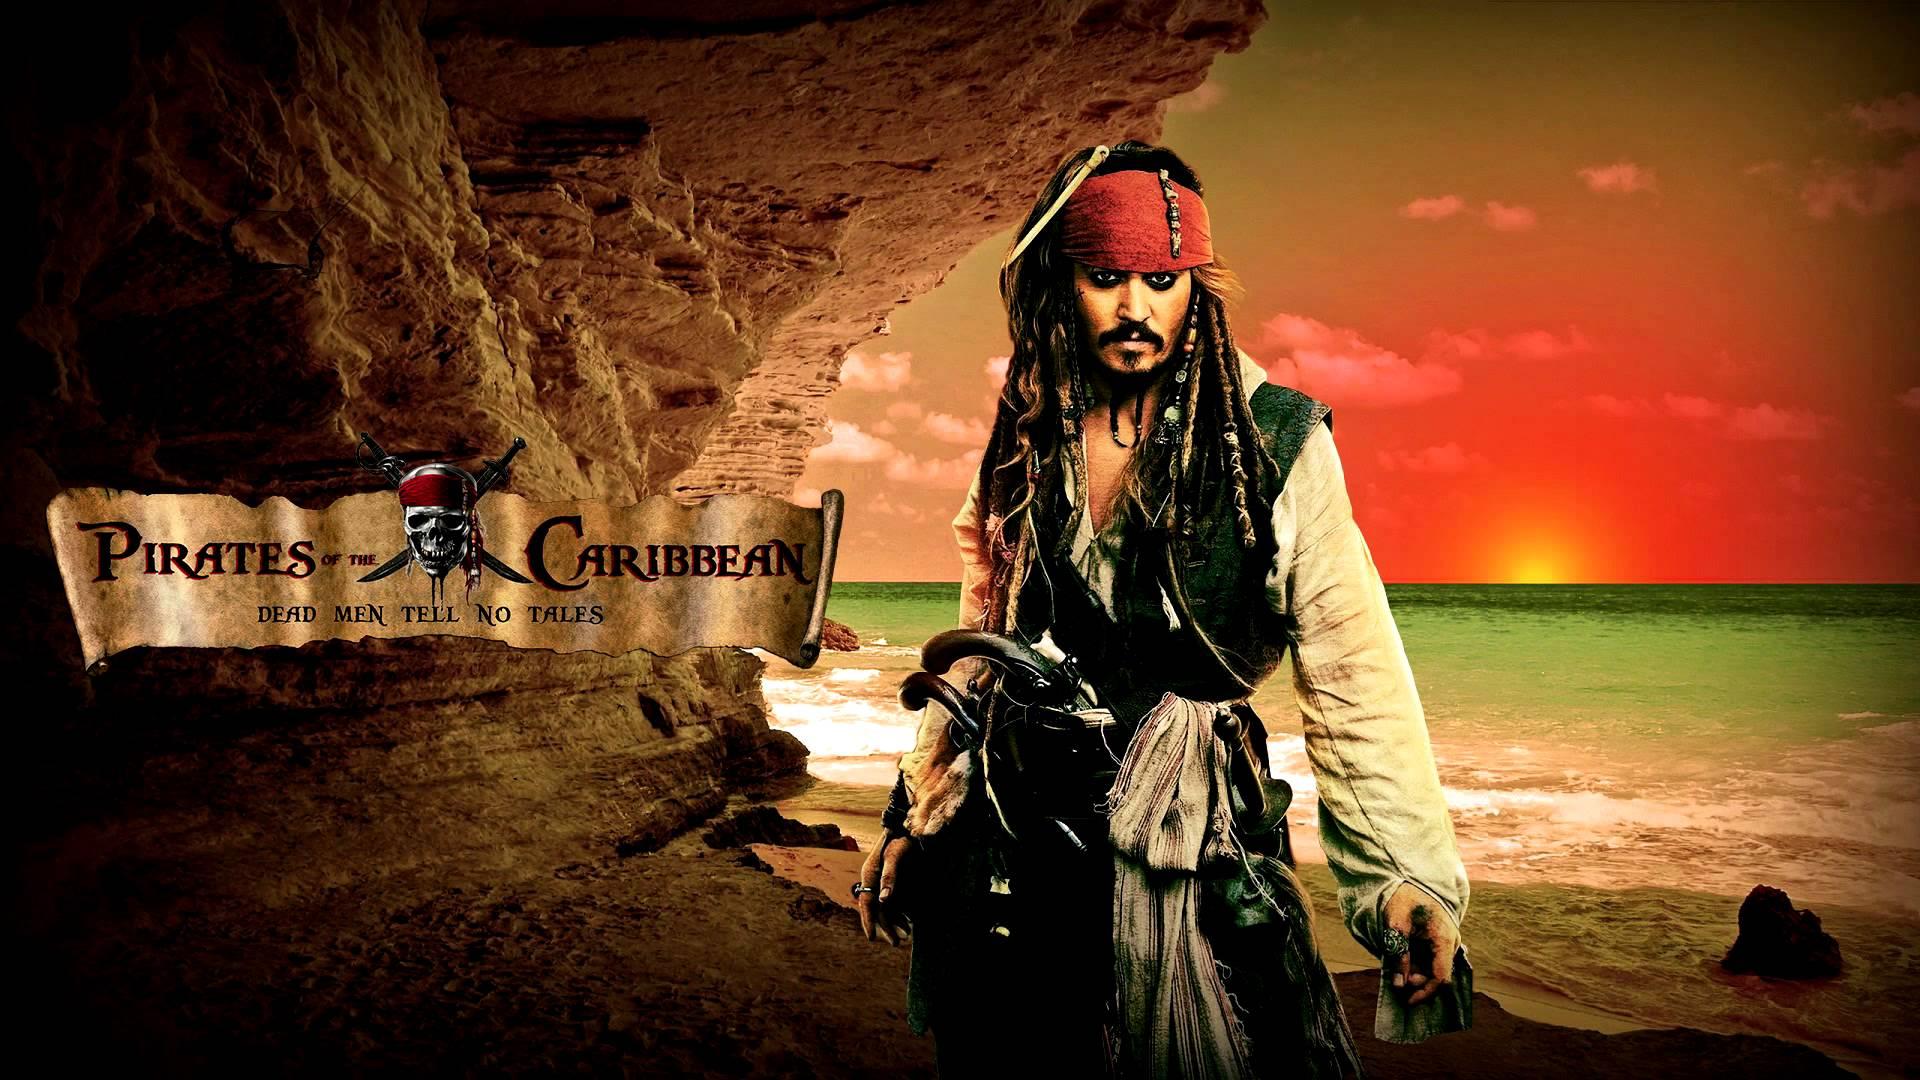 Пираты Карибского моря: Мертвецы не рассказывают сказки кино hdtv